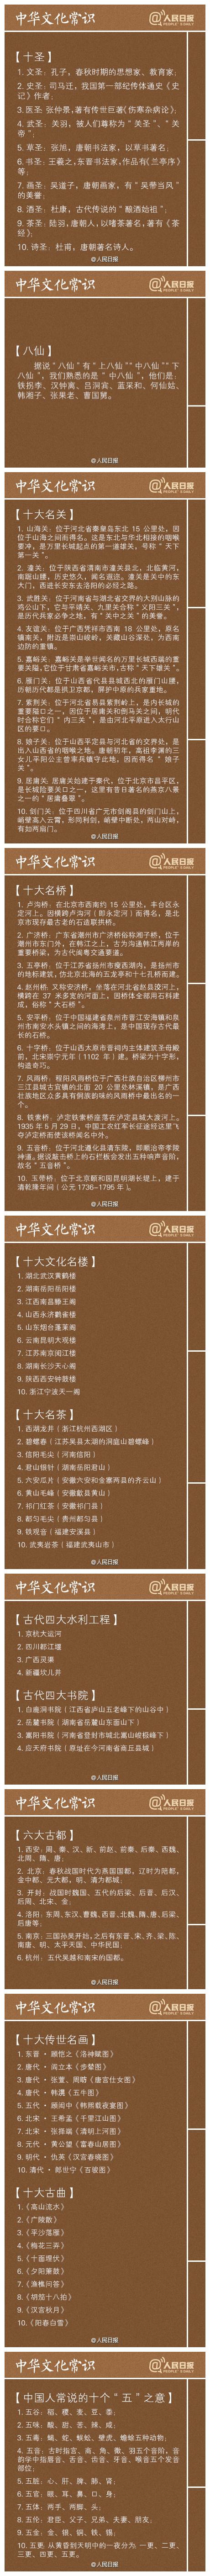 2021国家公务员考试技巧:常识积累之中华文化常识